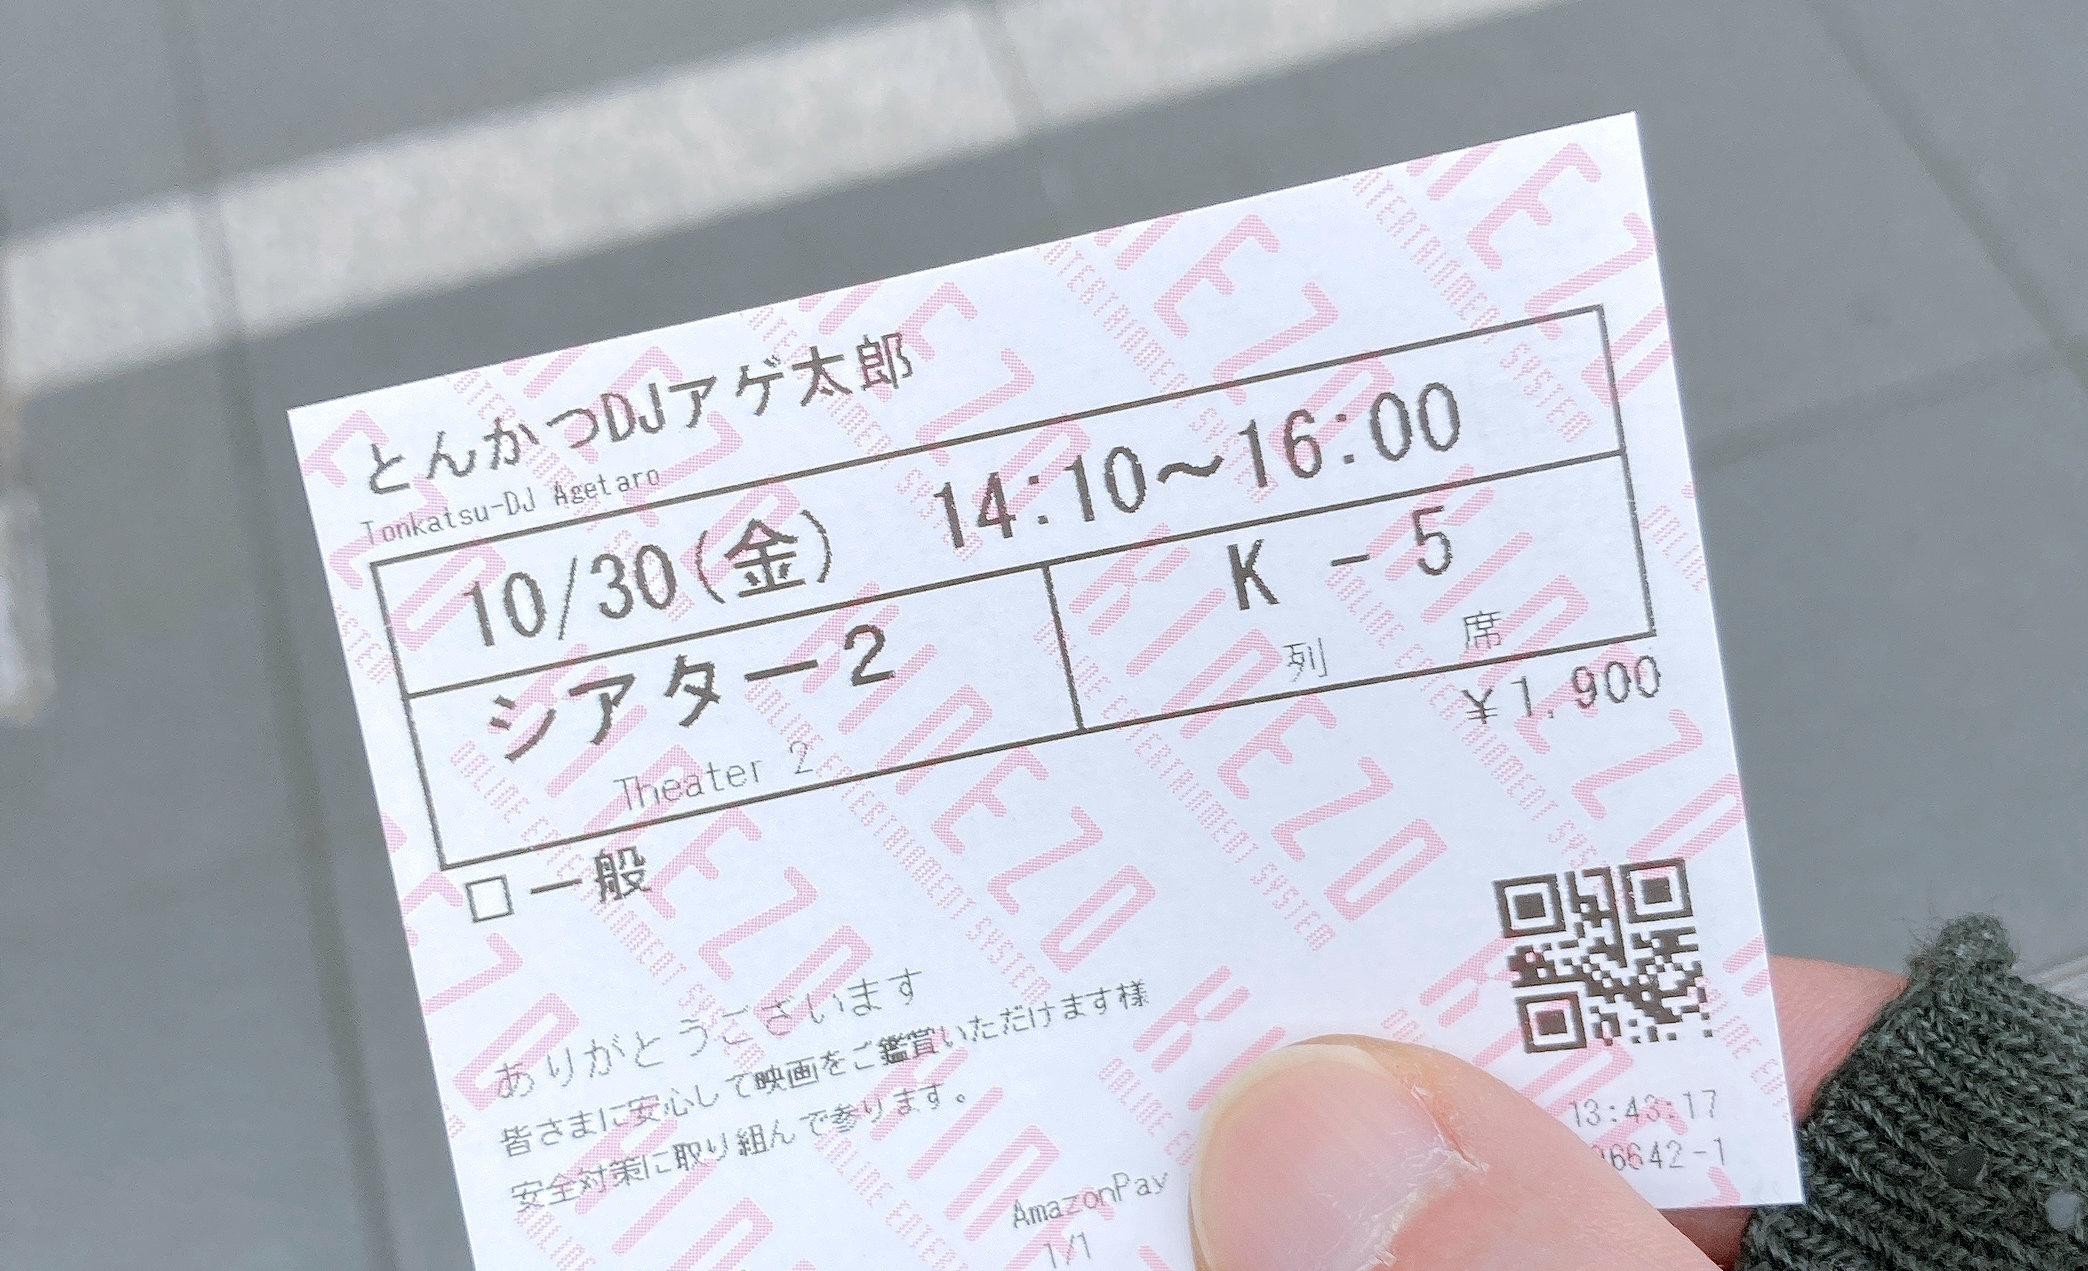 【レビュー】本日公開の映画『とんかつDJアゲ太郎』を見てきた正直な感想